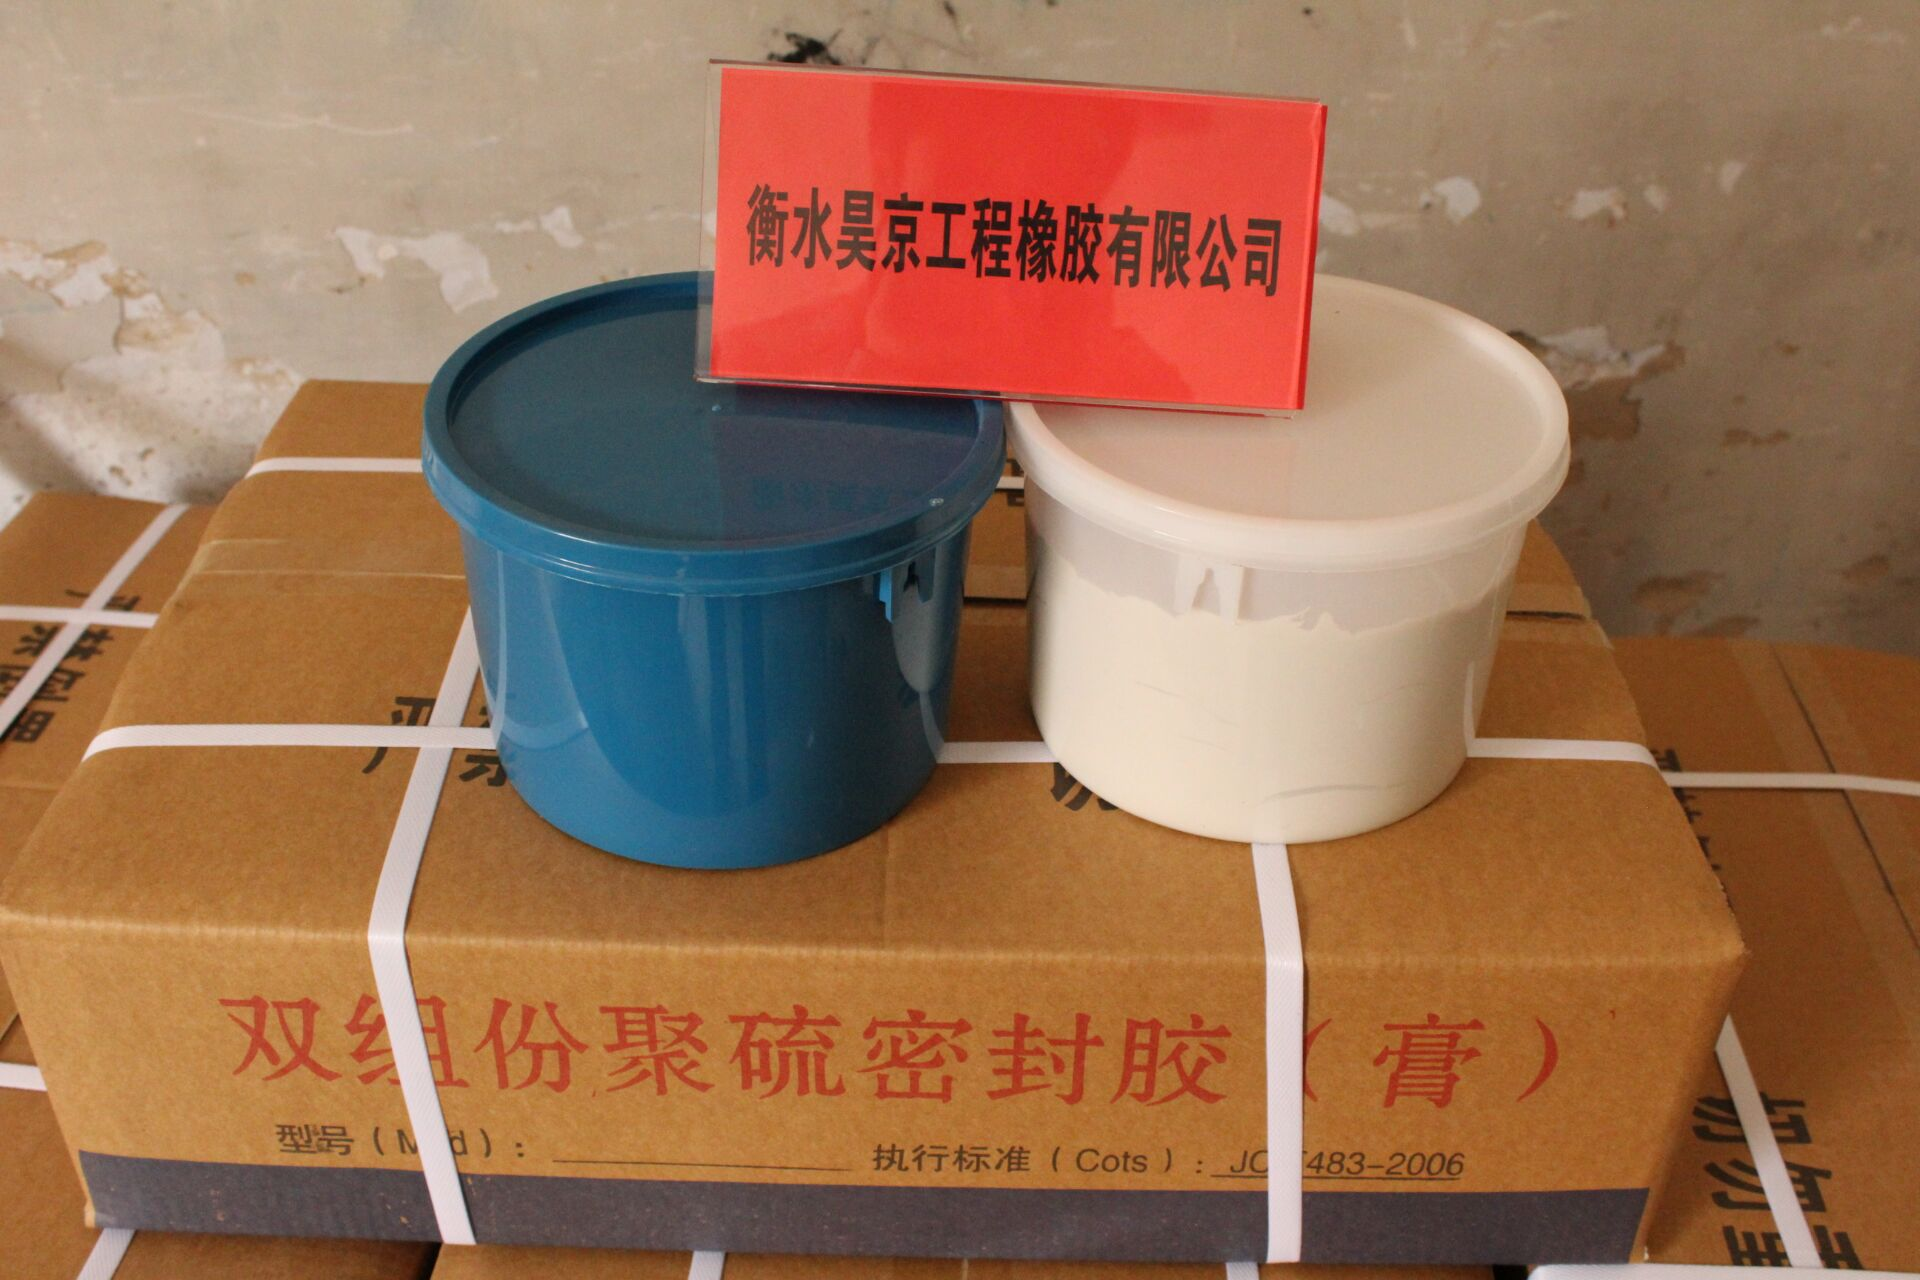 昊京工程橡胶供应聚氨脂密封胶 优质填充材料密封胶批发 欢迎致电咨询